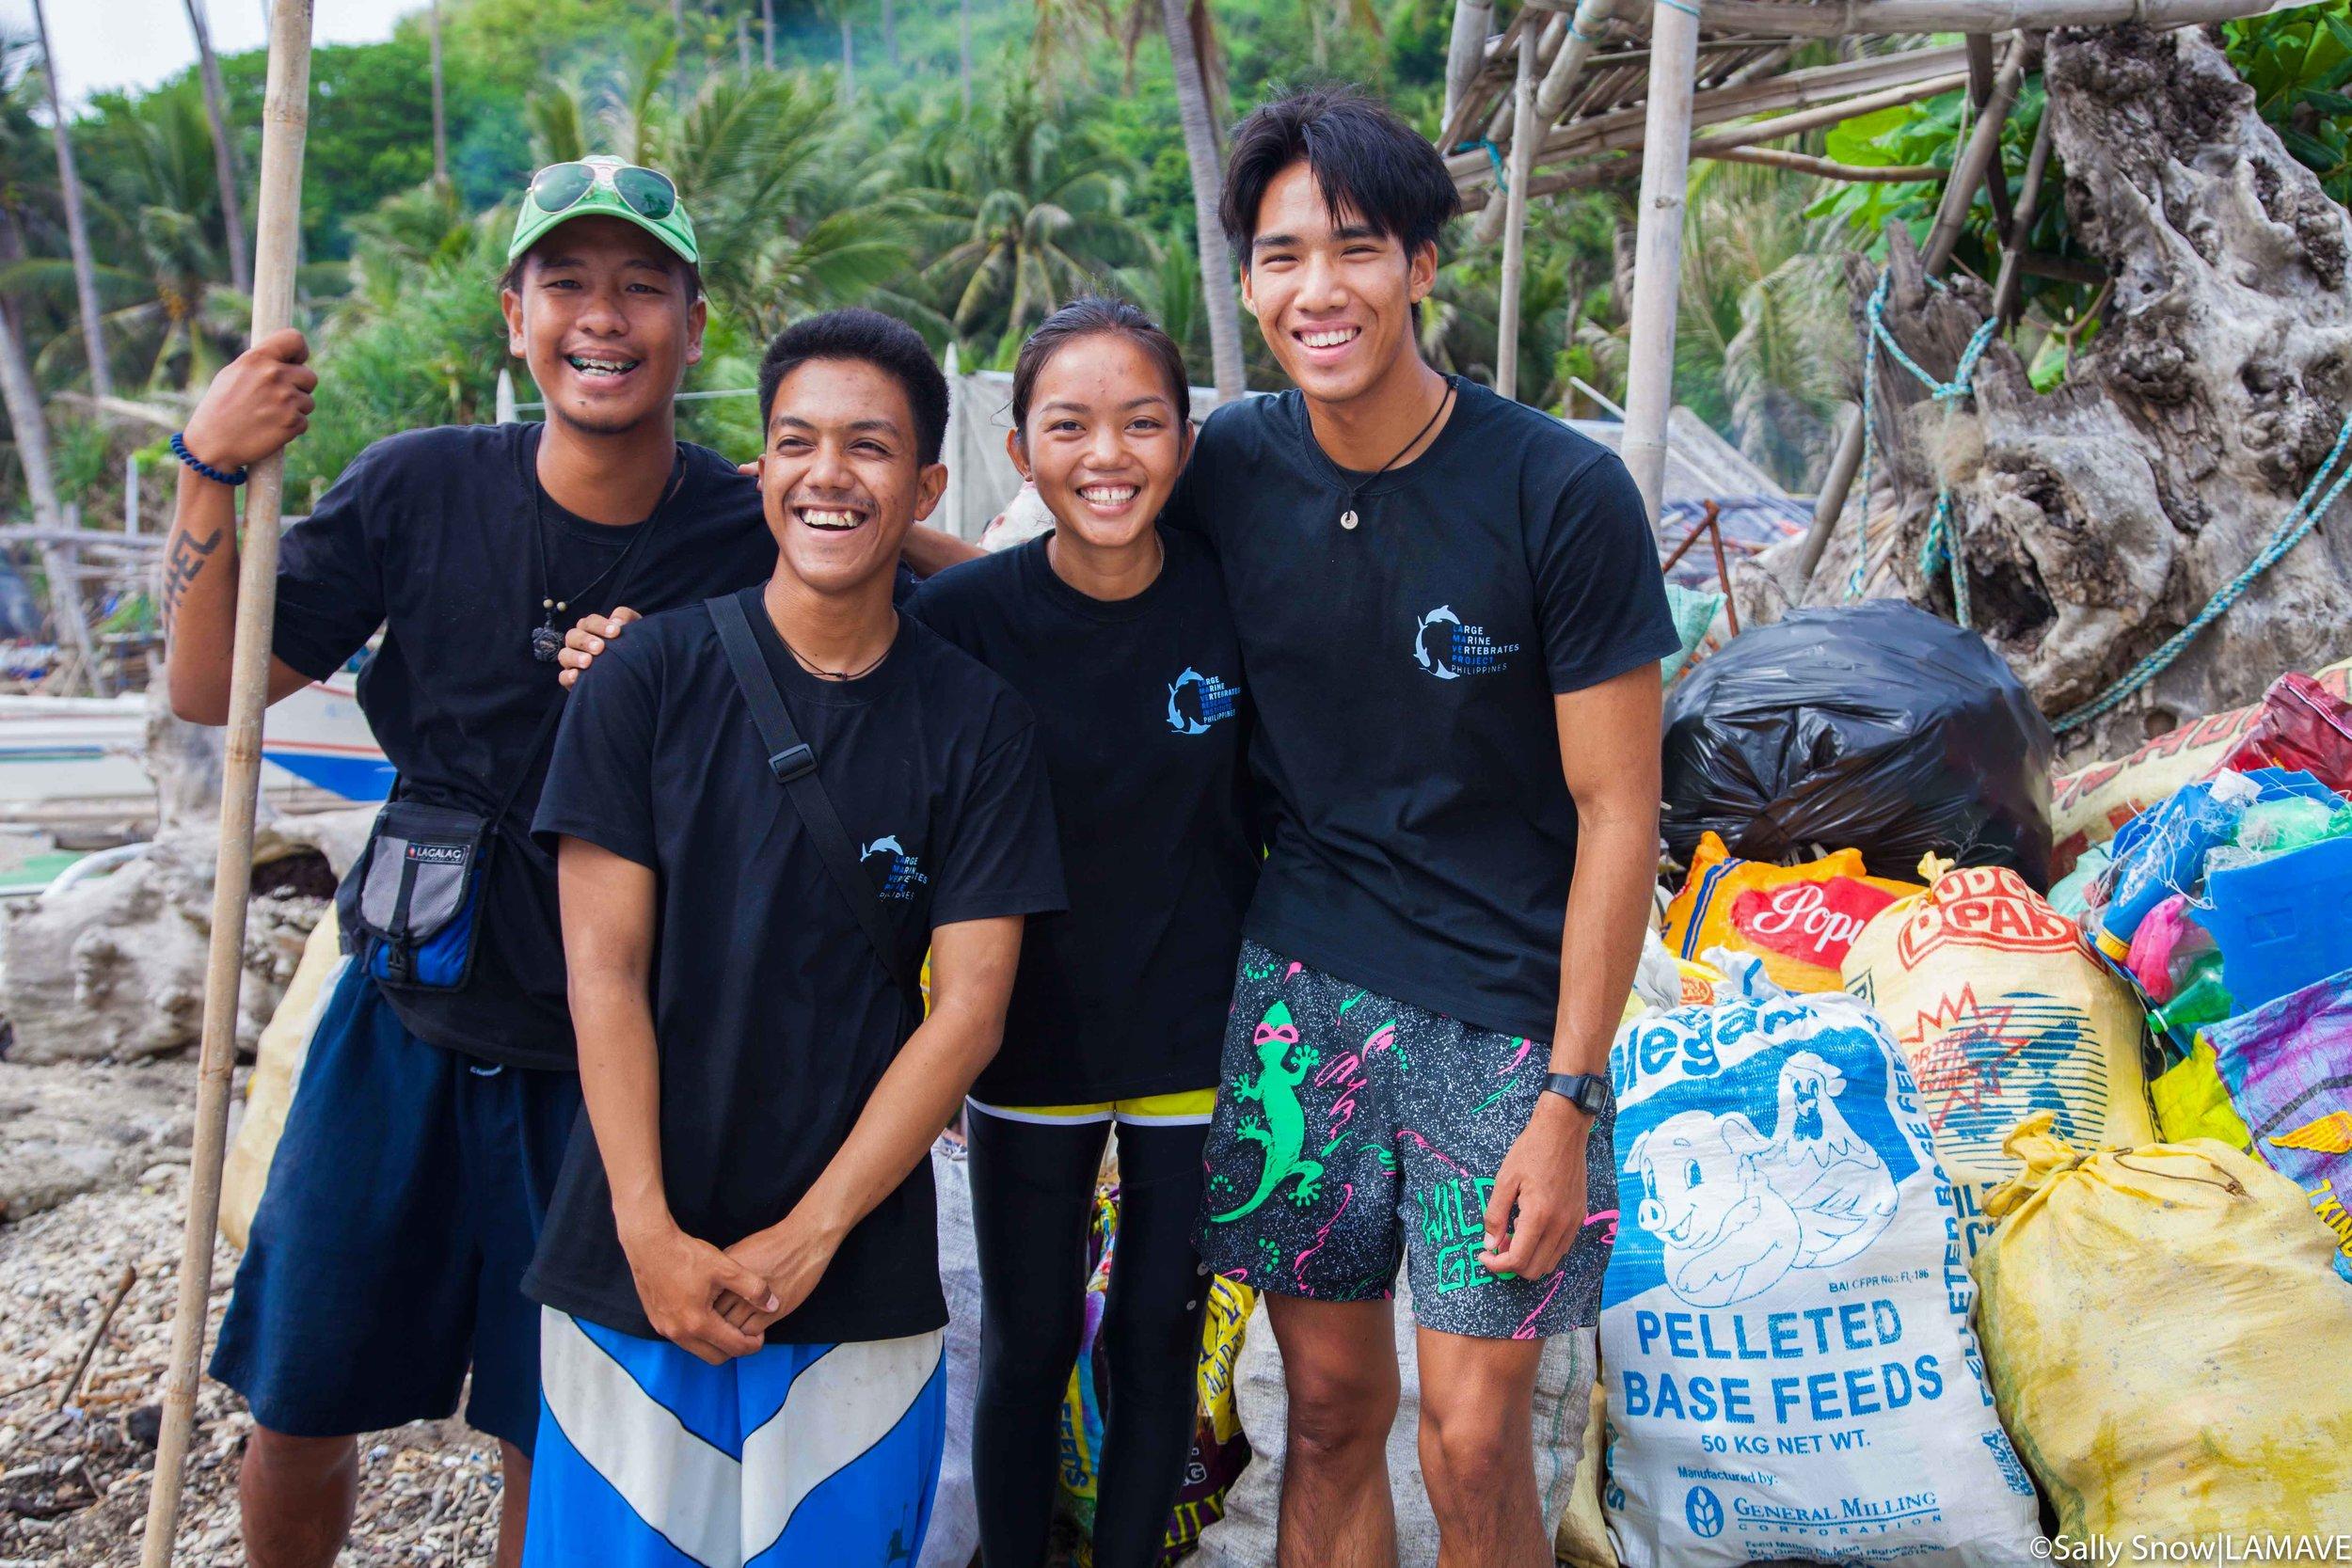 lamave-apo-island-community-world-oceans-day-team-beach-clean-up-2017-sally-snow-.jpg